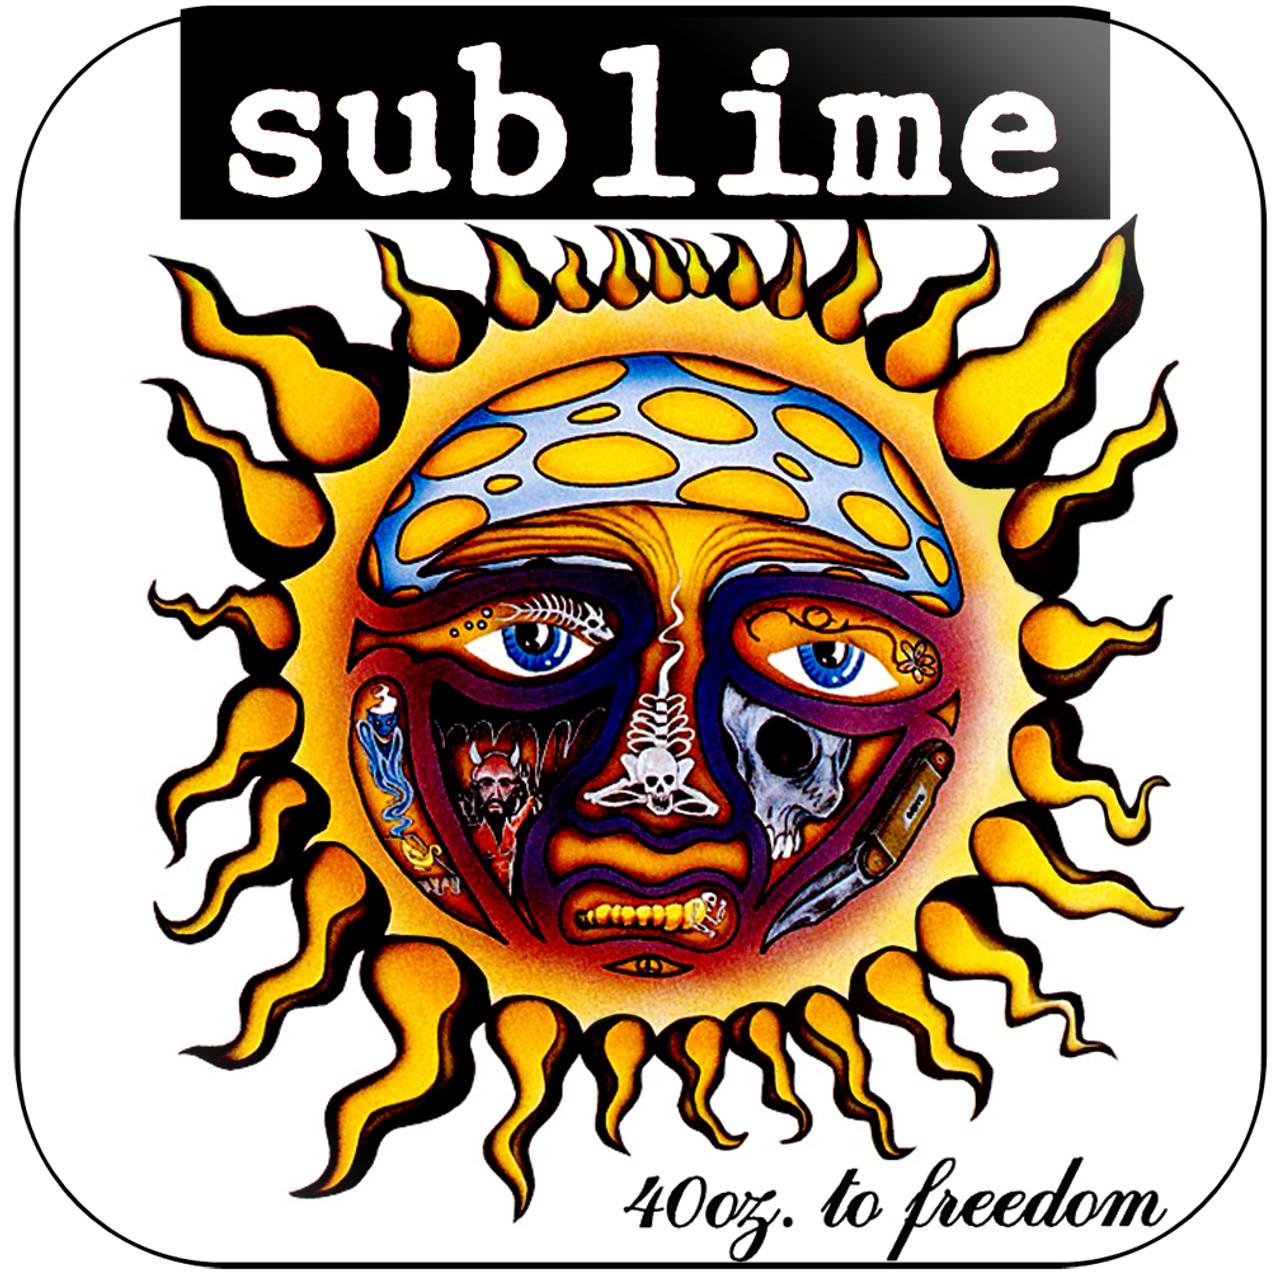 Subliimi